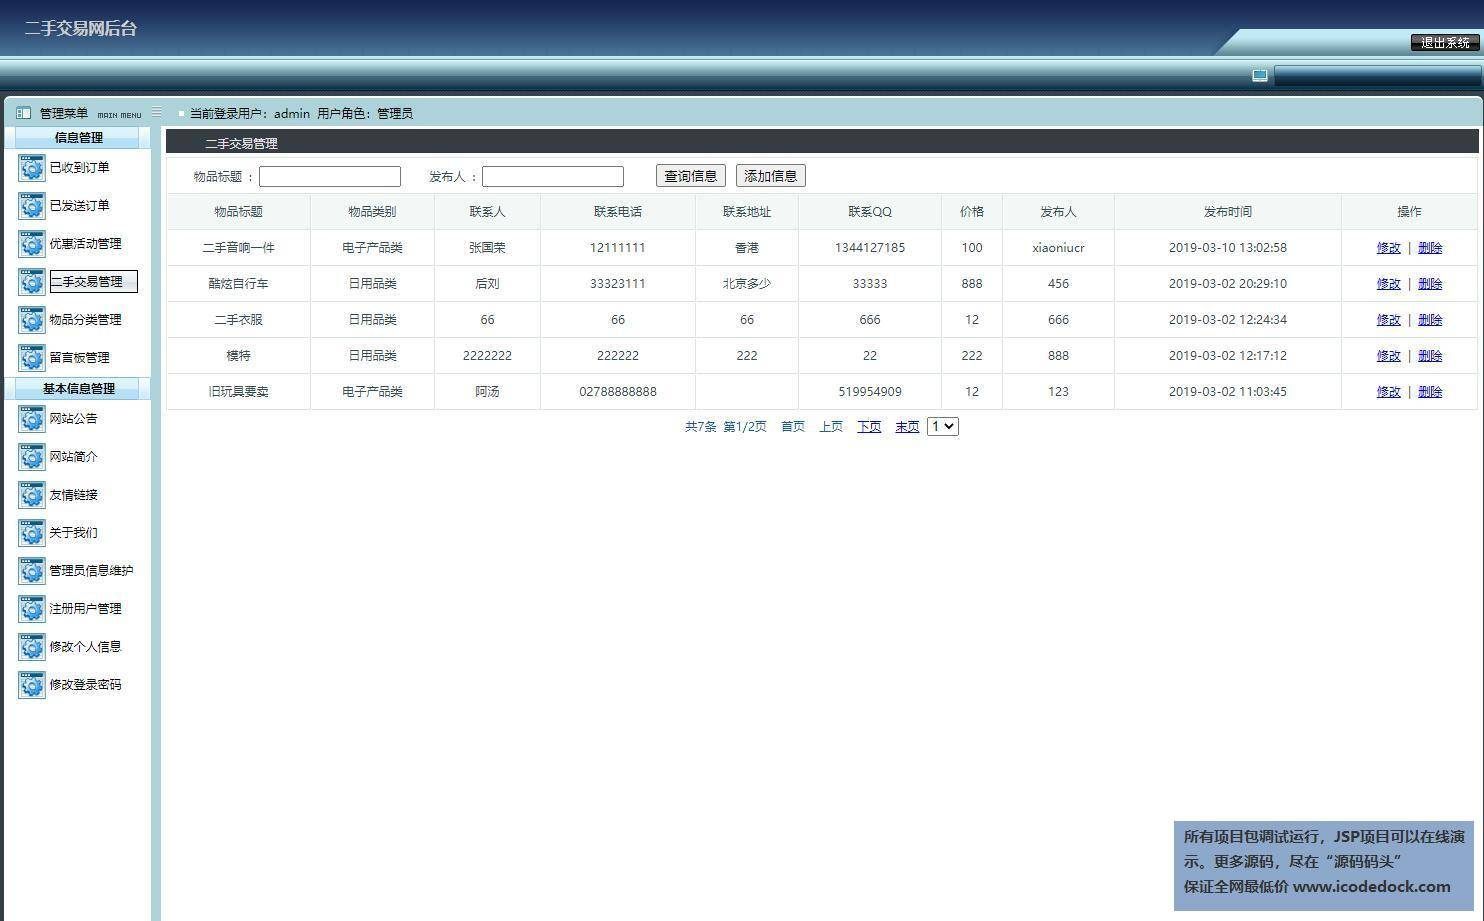 源码码头-JSP校园二手物品交易平台网站-管理员角色-二手交易管理